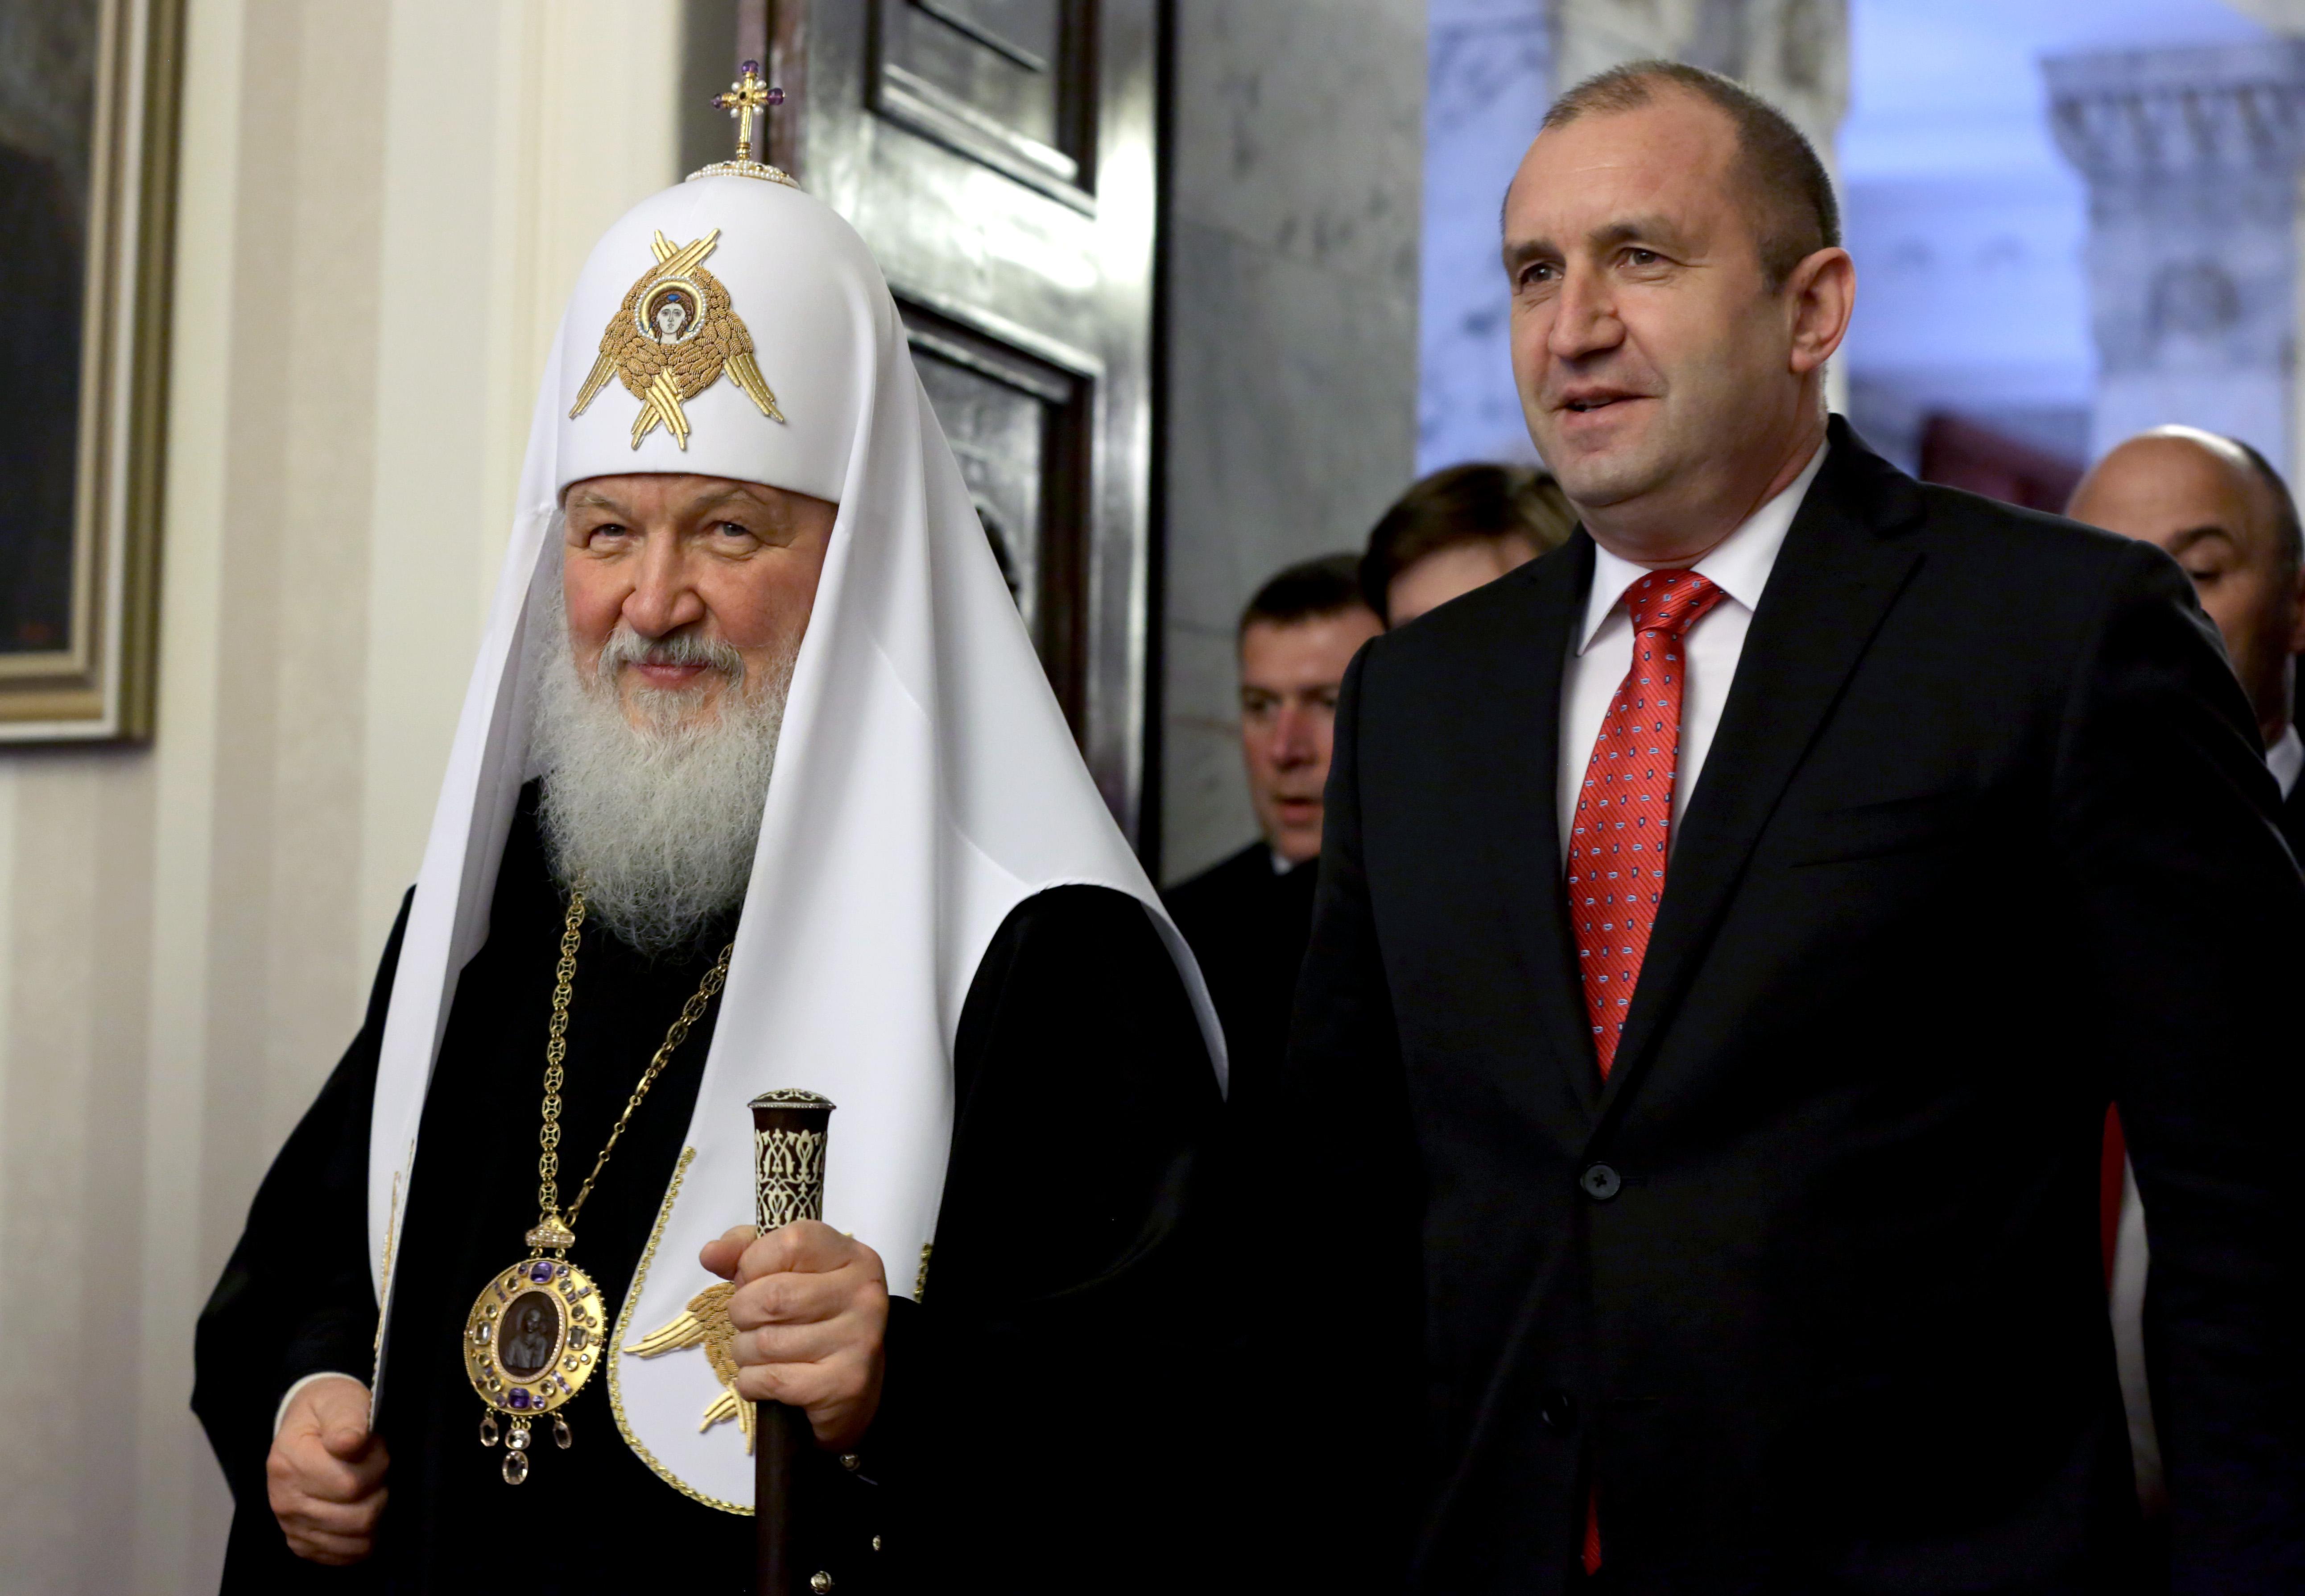 Няма стенограма от срещата на президента с руския патриарх